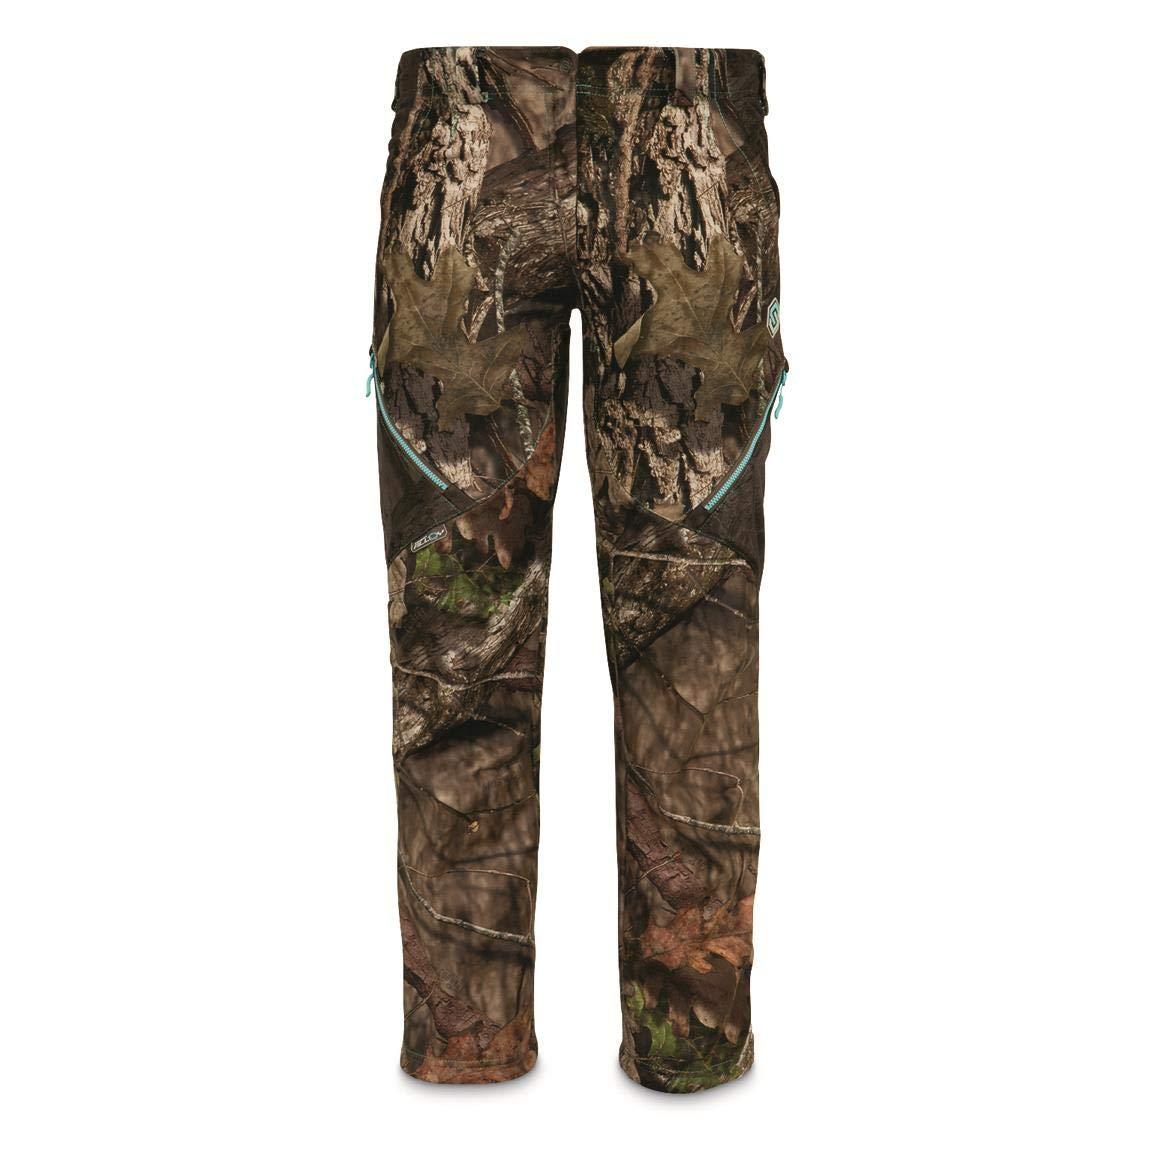 ScentLok Women's Full Season TAKTIX Hunting Pants, Mossy Oak Country, S by ScentLok